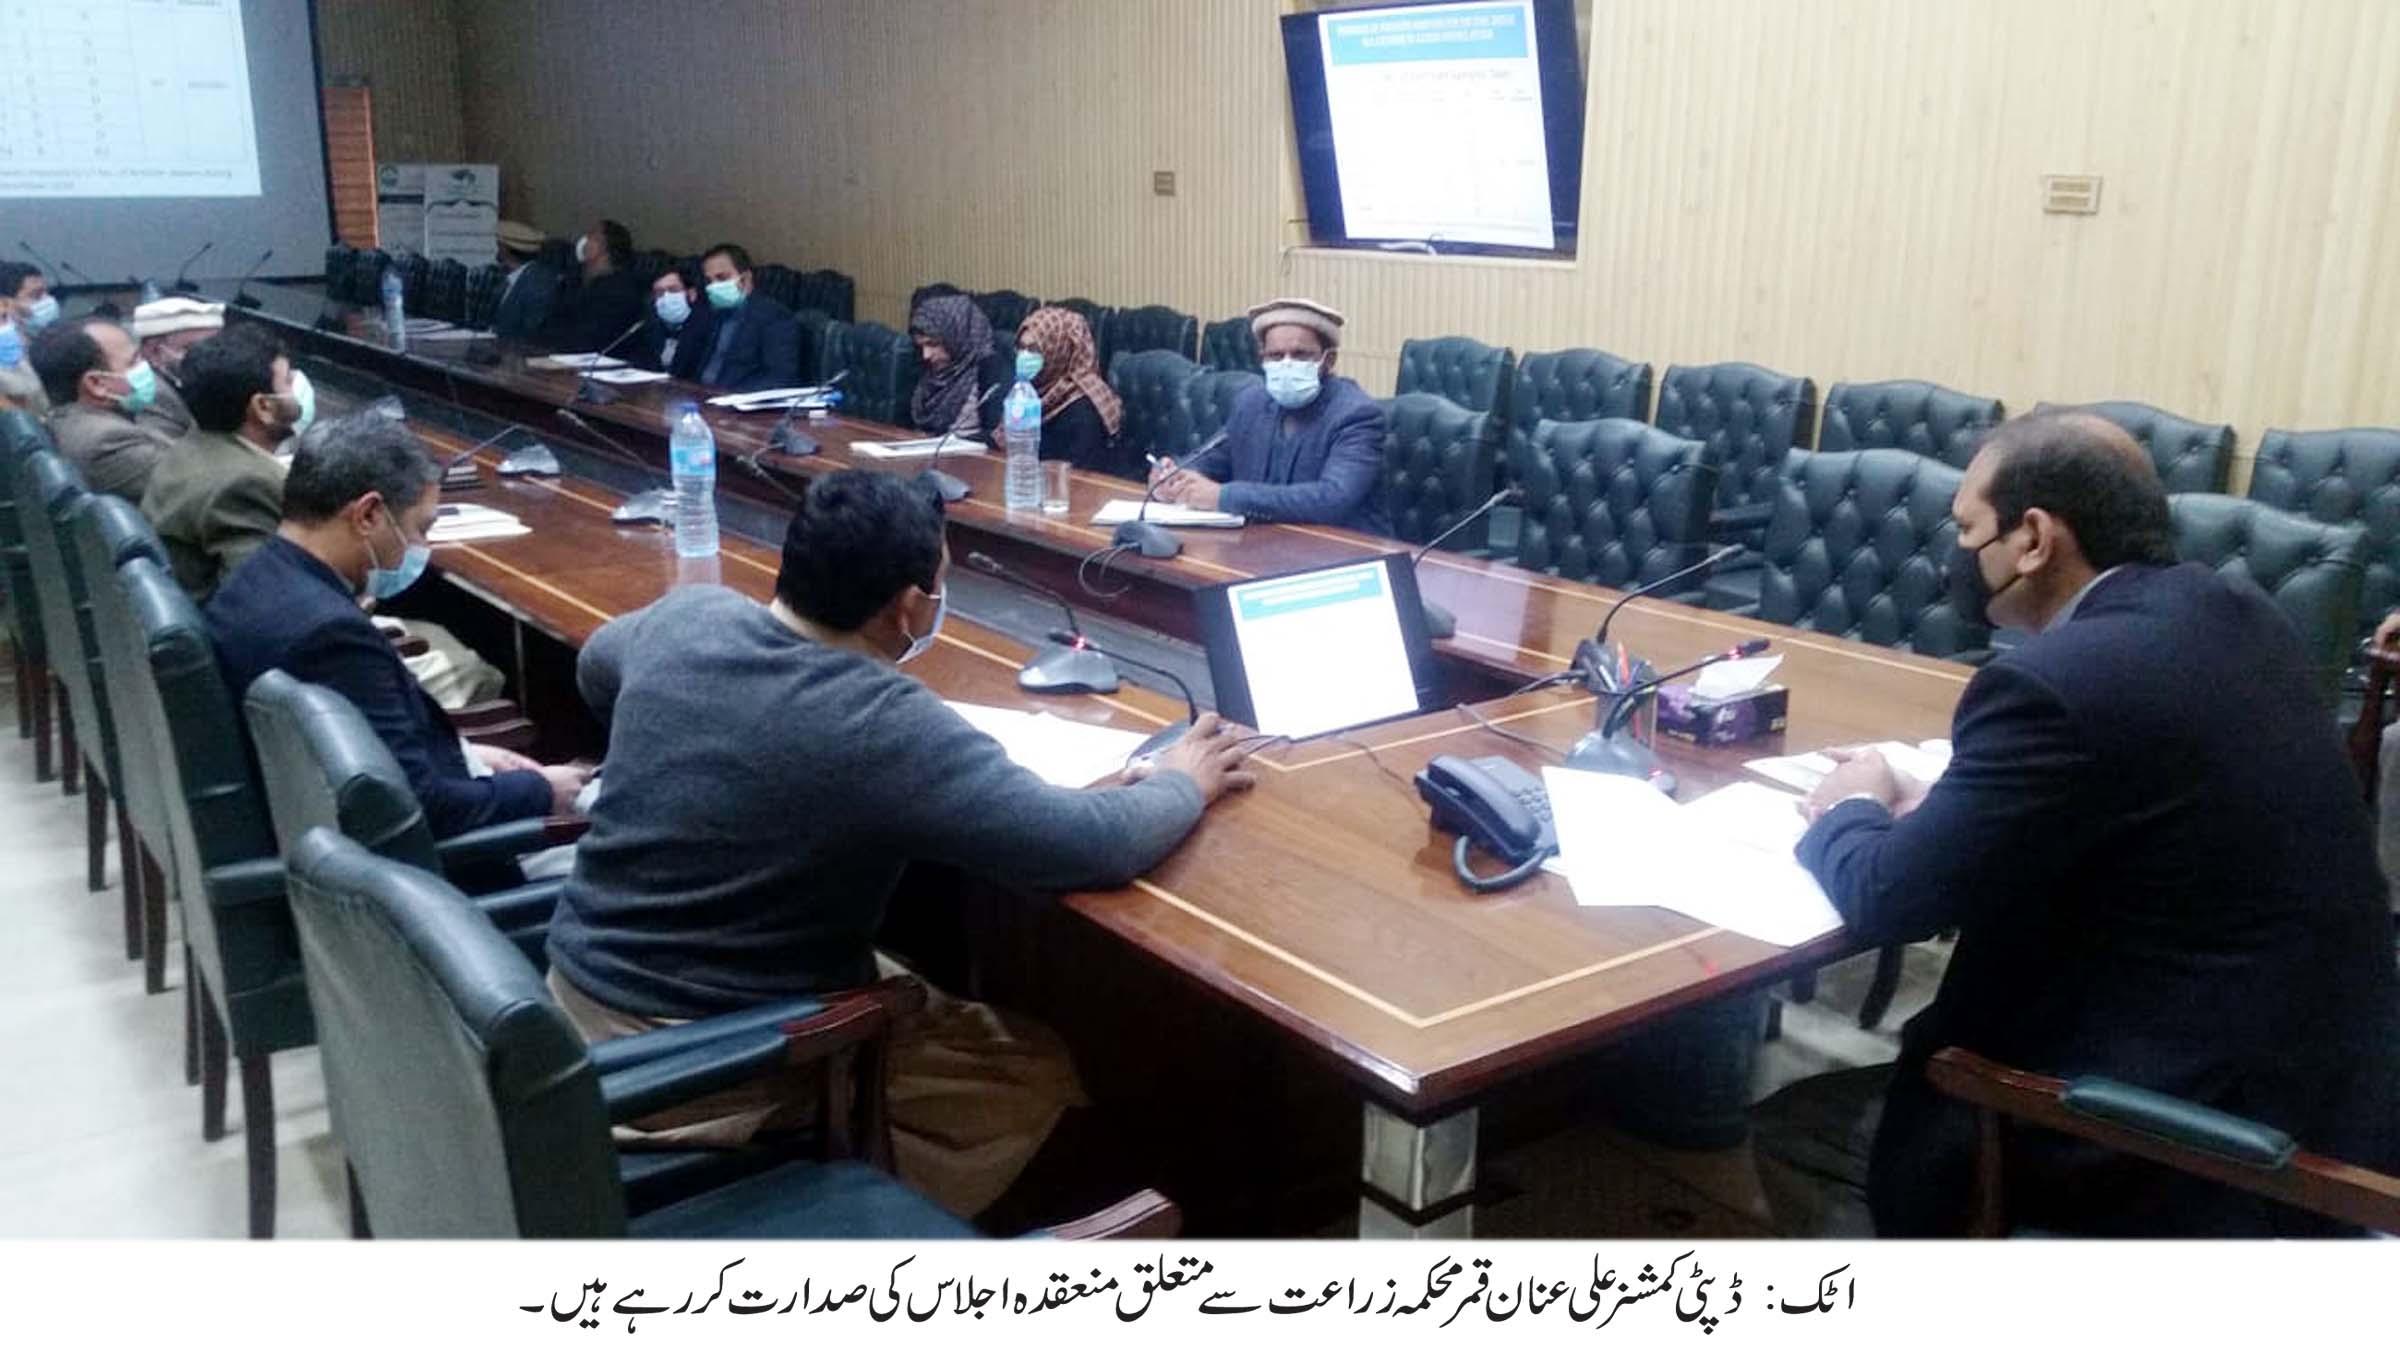 زراعت کی ضلعی مشاورتی کمیٹی اٹک کا ایک اجلاس